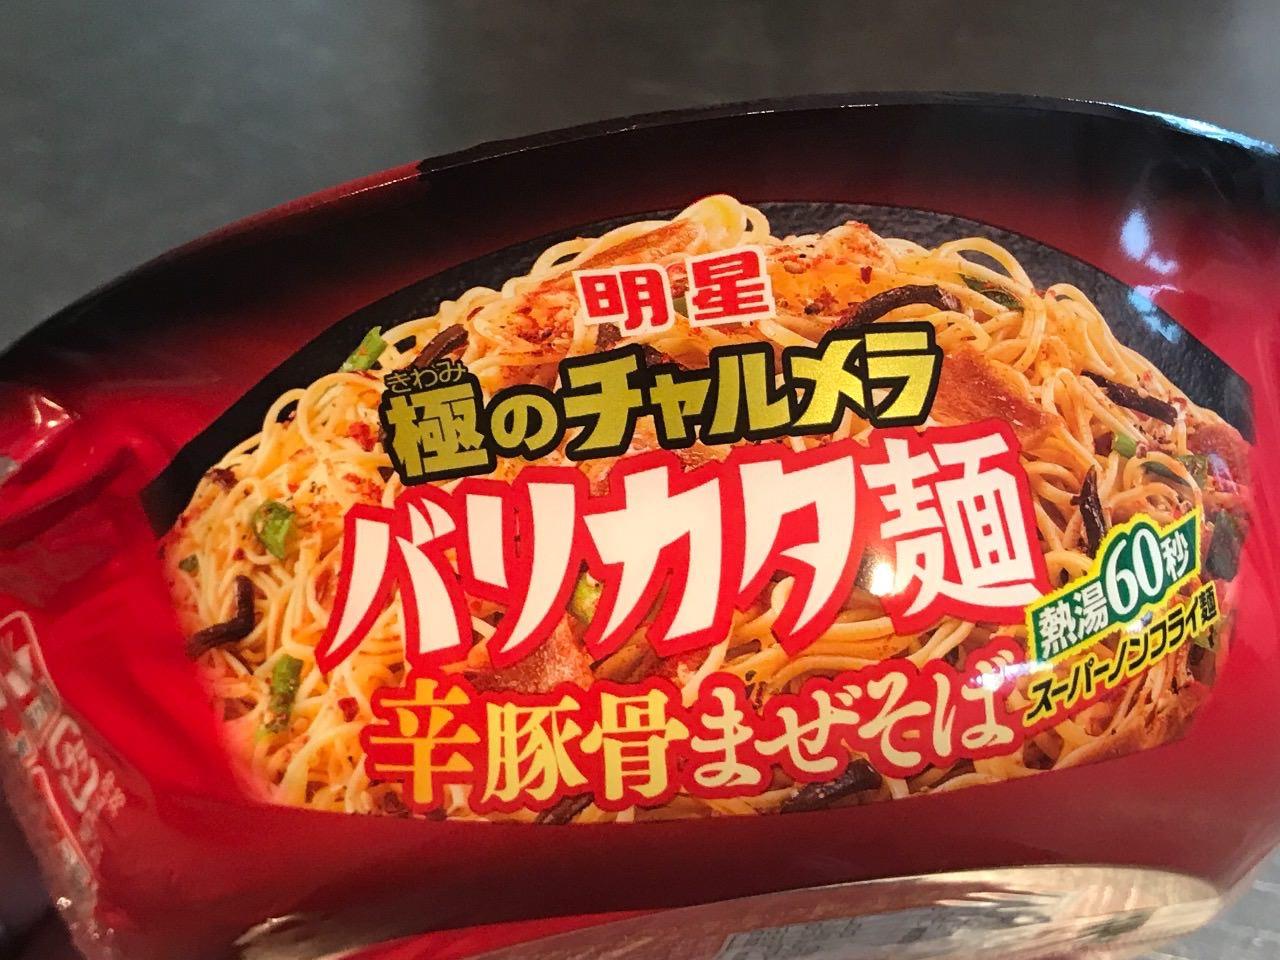 極のチャルメラ バリカタ麺 辛豚骨まぜそば